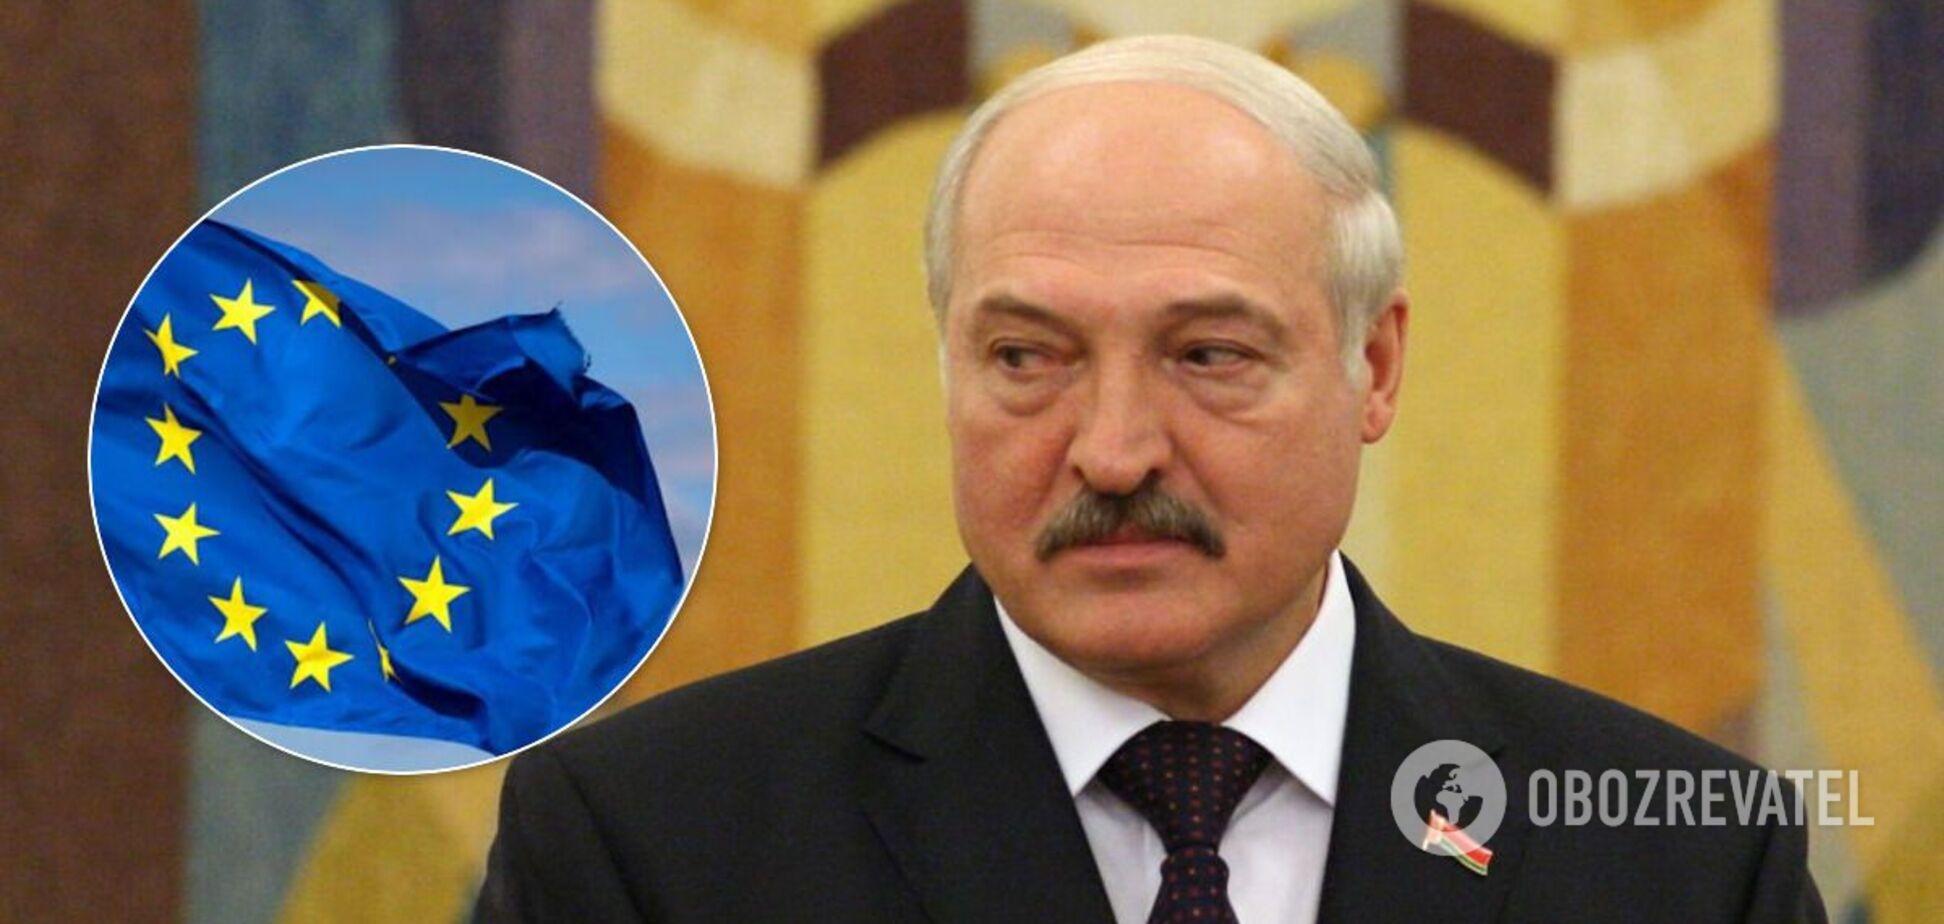 Евросоюз играет с Лукашенко в поддавки?